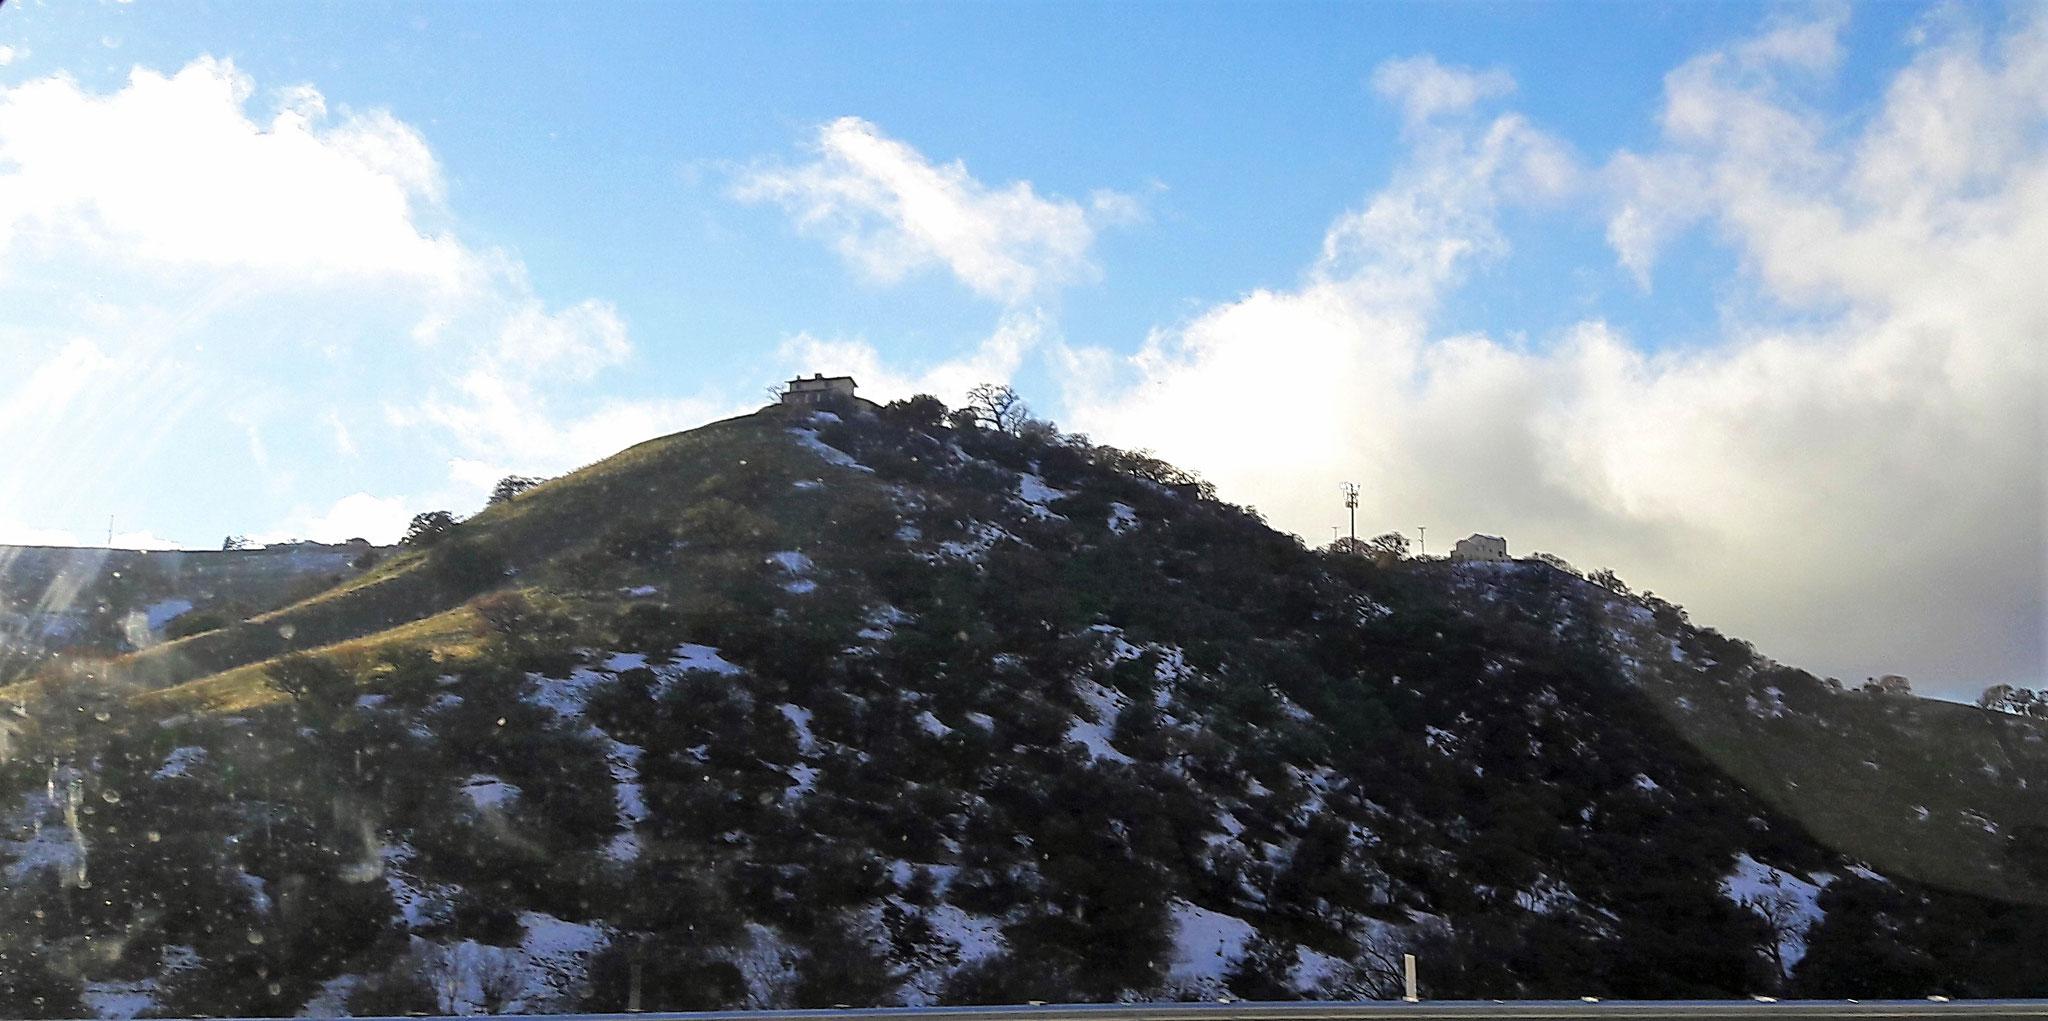 Das Wetter ist unberechenbar. Das Bild zeigt nicht genau die Situation, aber man fährt auf einer Straße und auf der einen Seite liegt Schnee und man braucht ne Jacke, auf der anderen Seite scheint die Sonne und alles grünt... <3